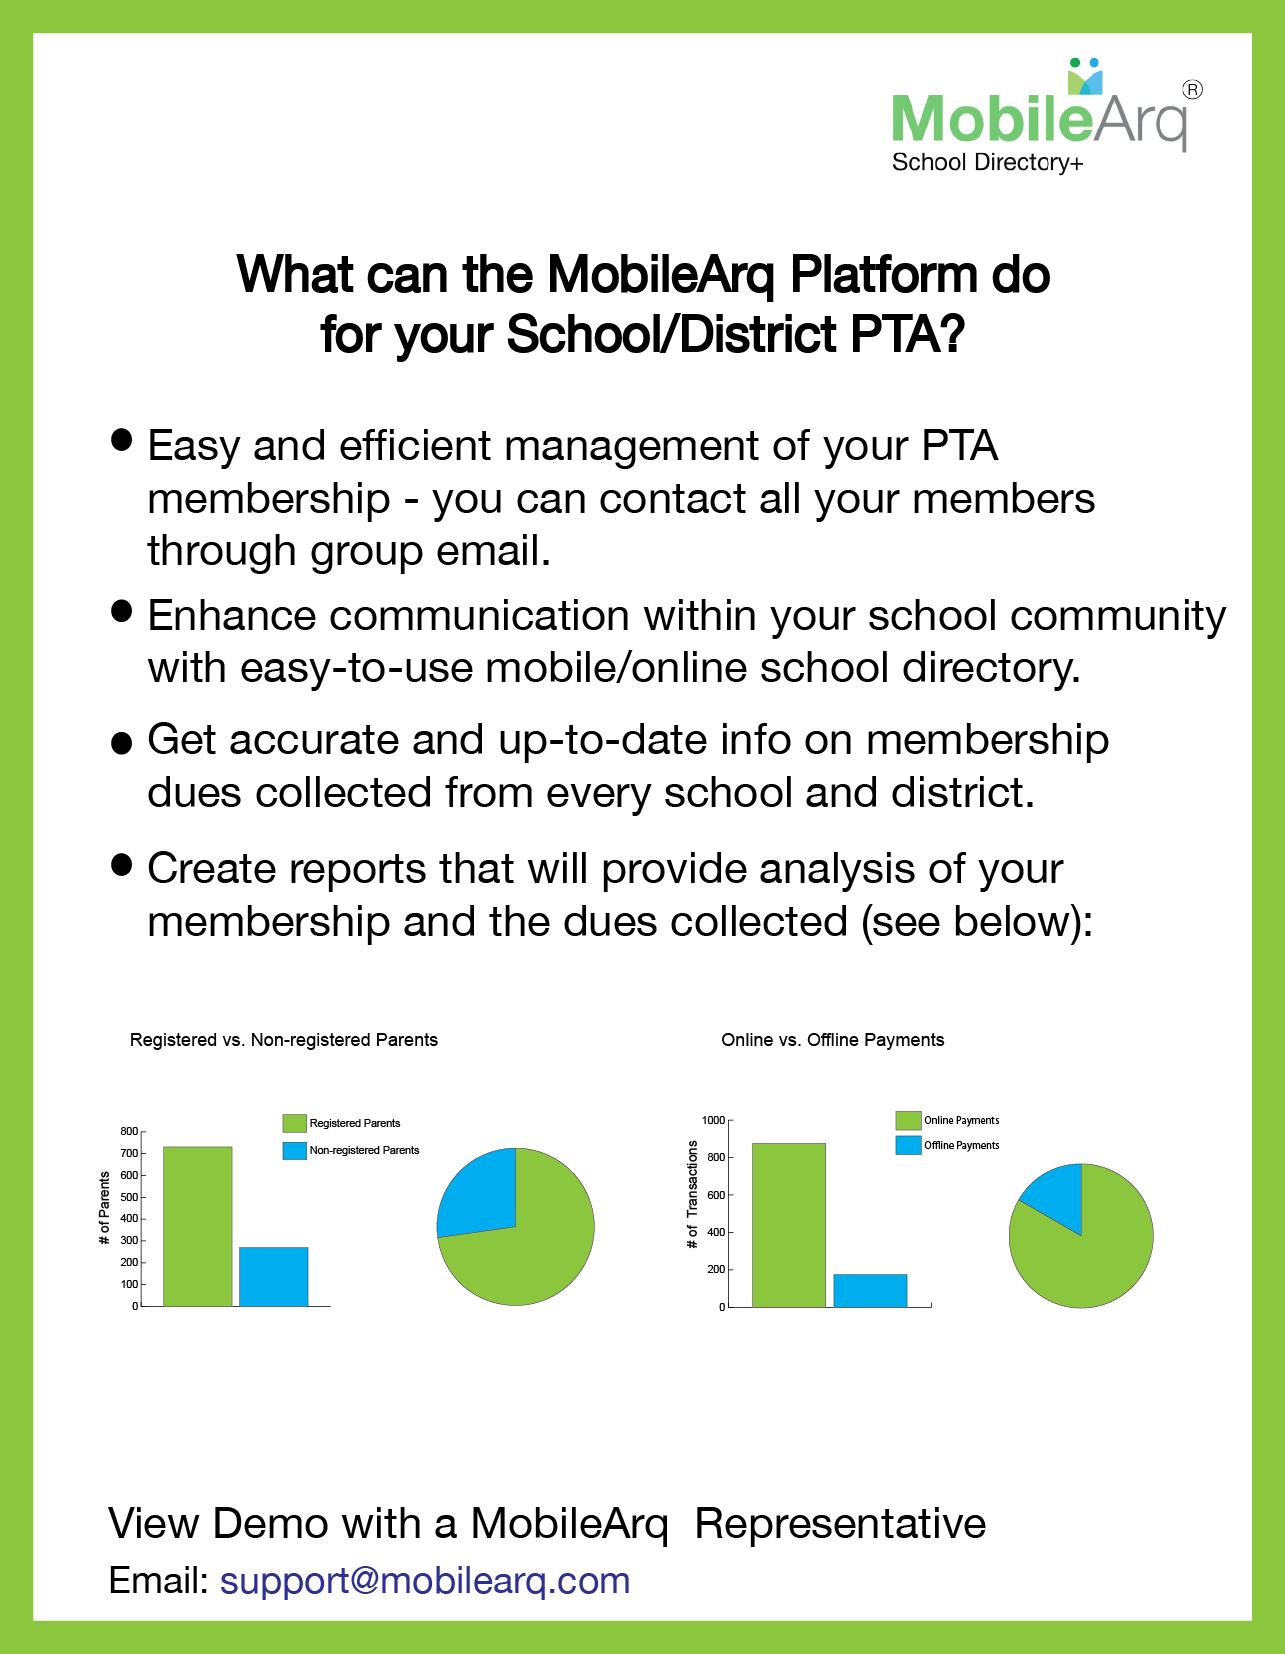 School & District PTA Benefits